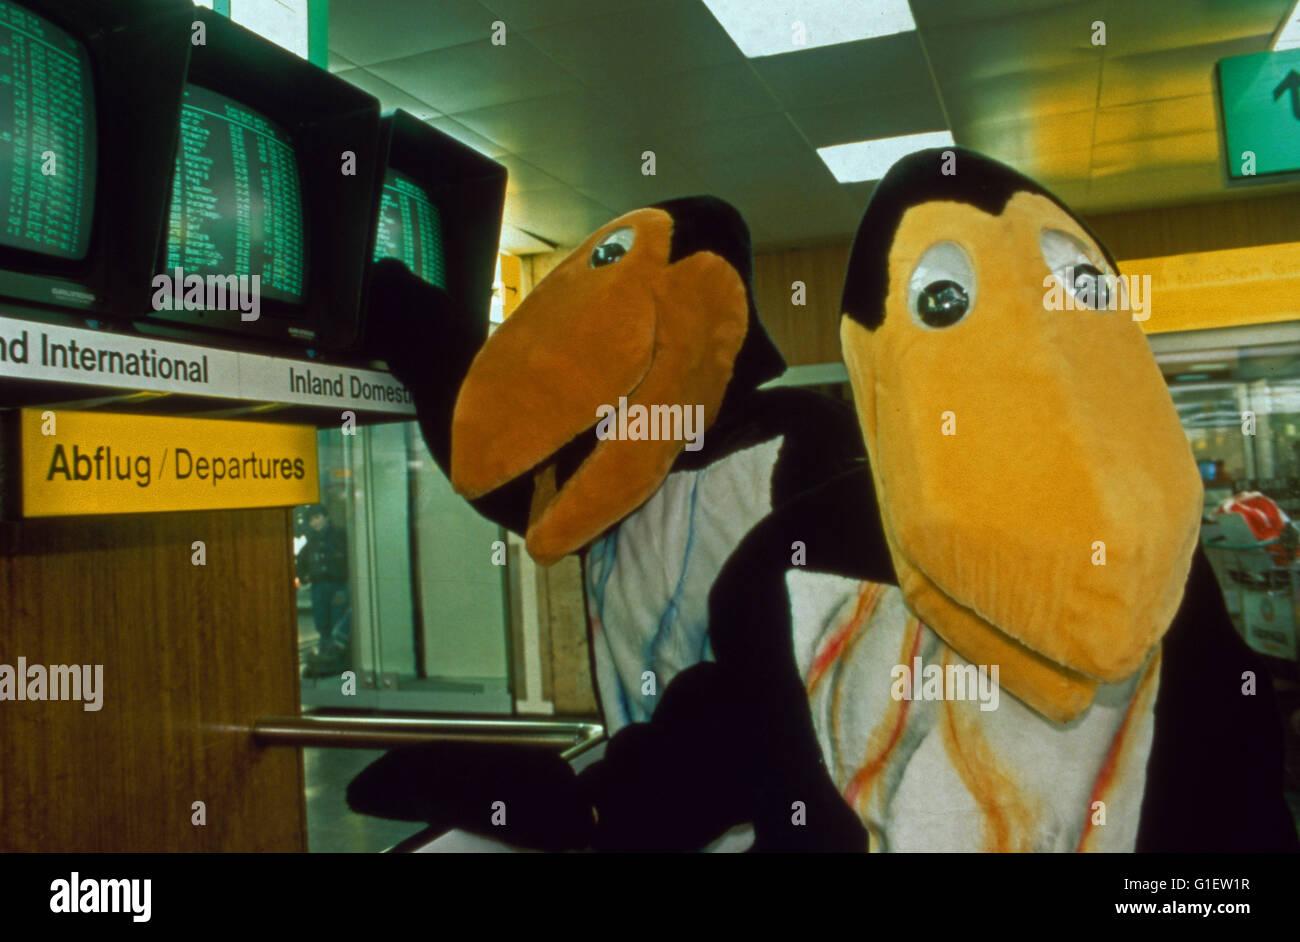 Truque 7 - Die große Trickfilm Mostrar. Die beiden chaotischen Raben se falhares und Jeckle am Flughafen. Imagens de Stock